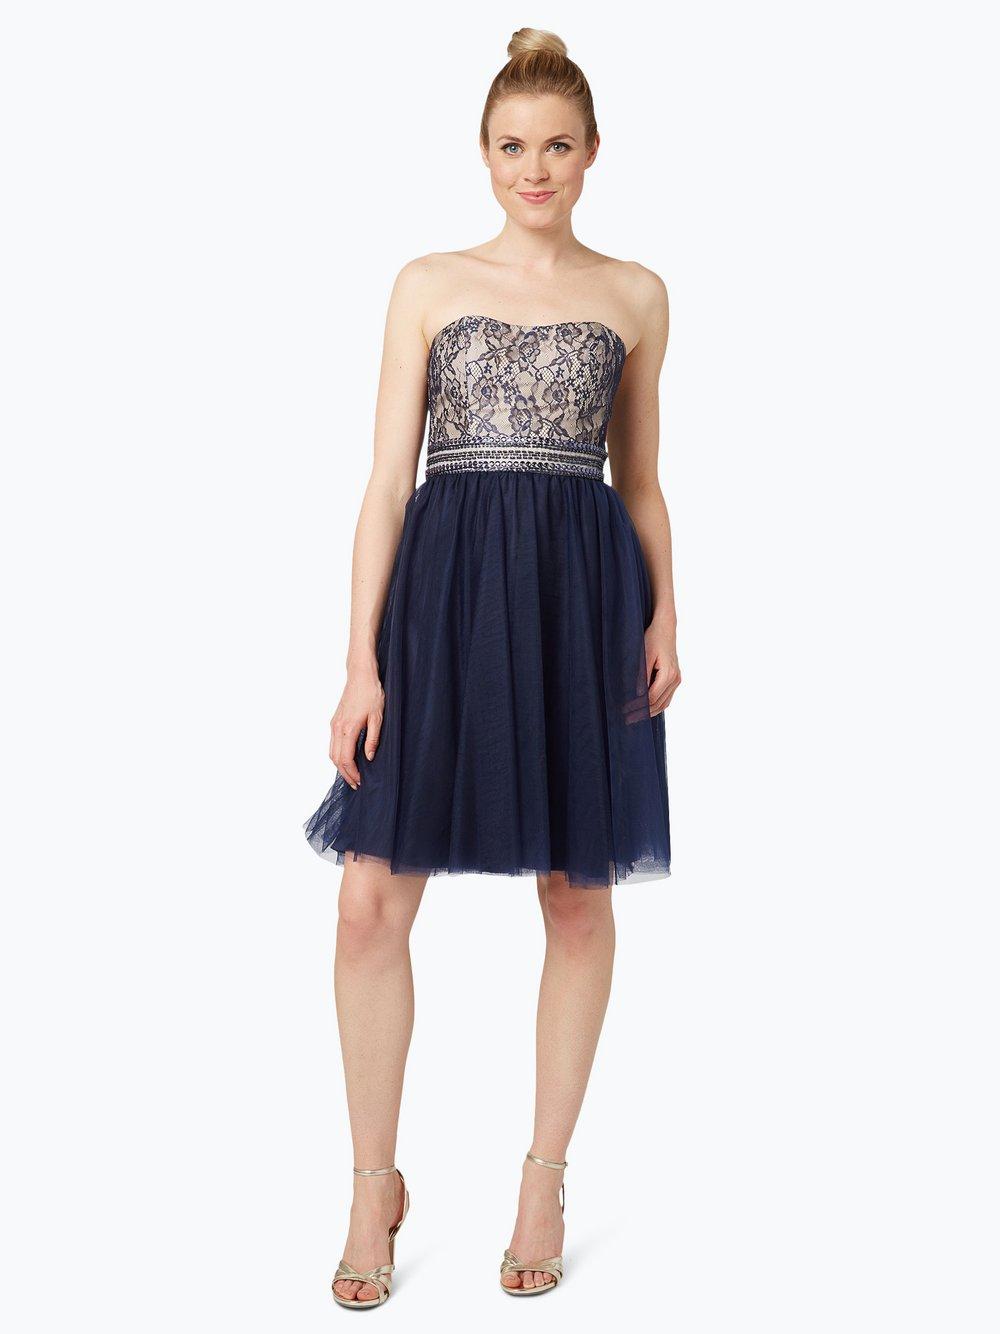 Laona - Damska sukienka koktajlowa, niebieski